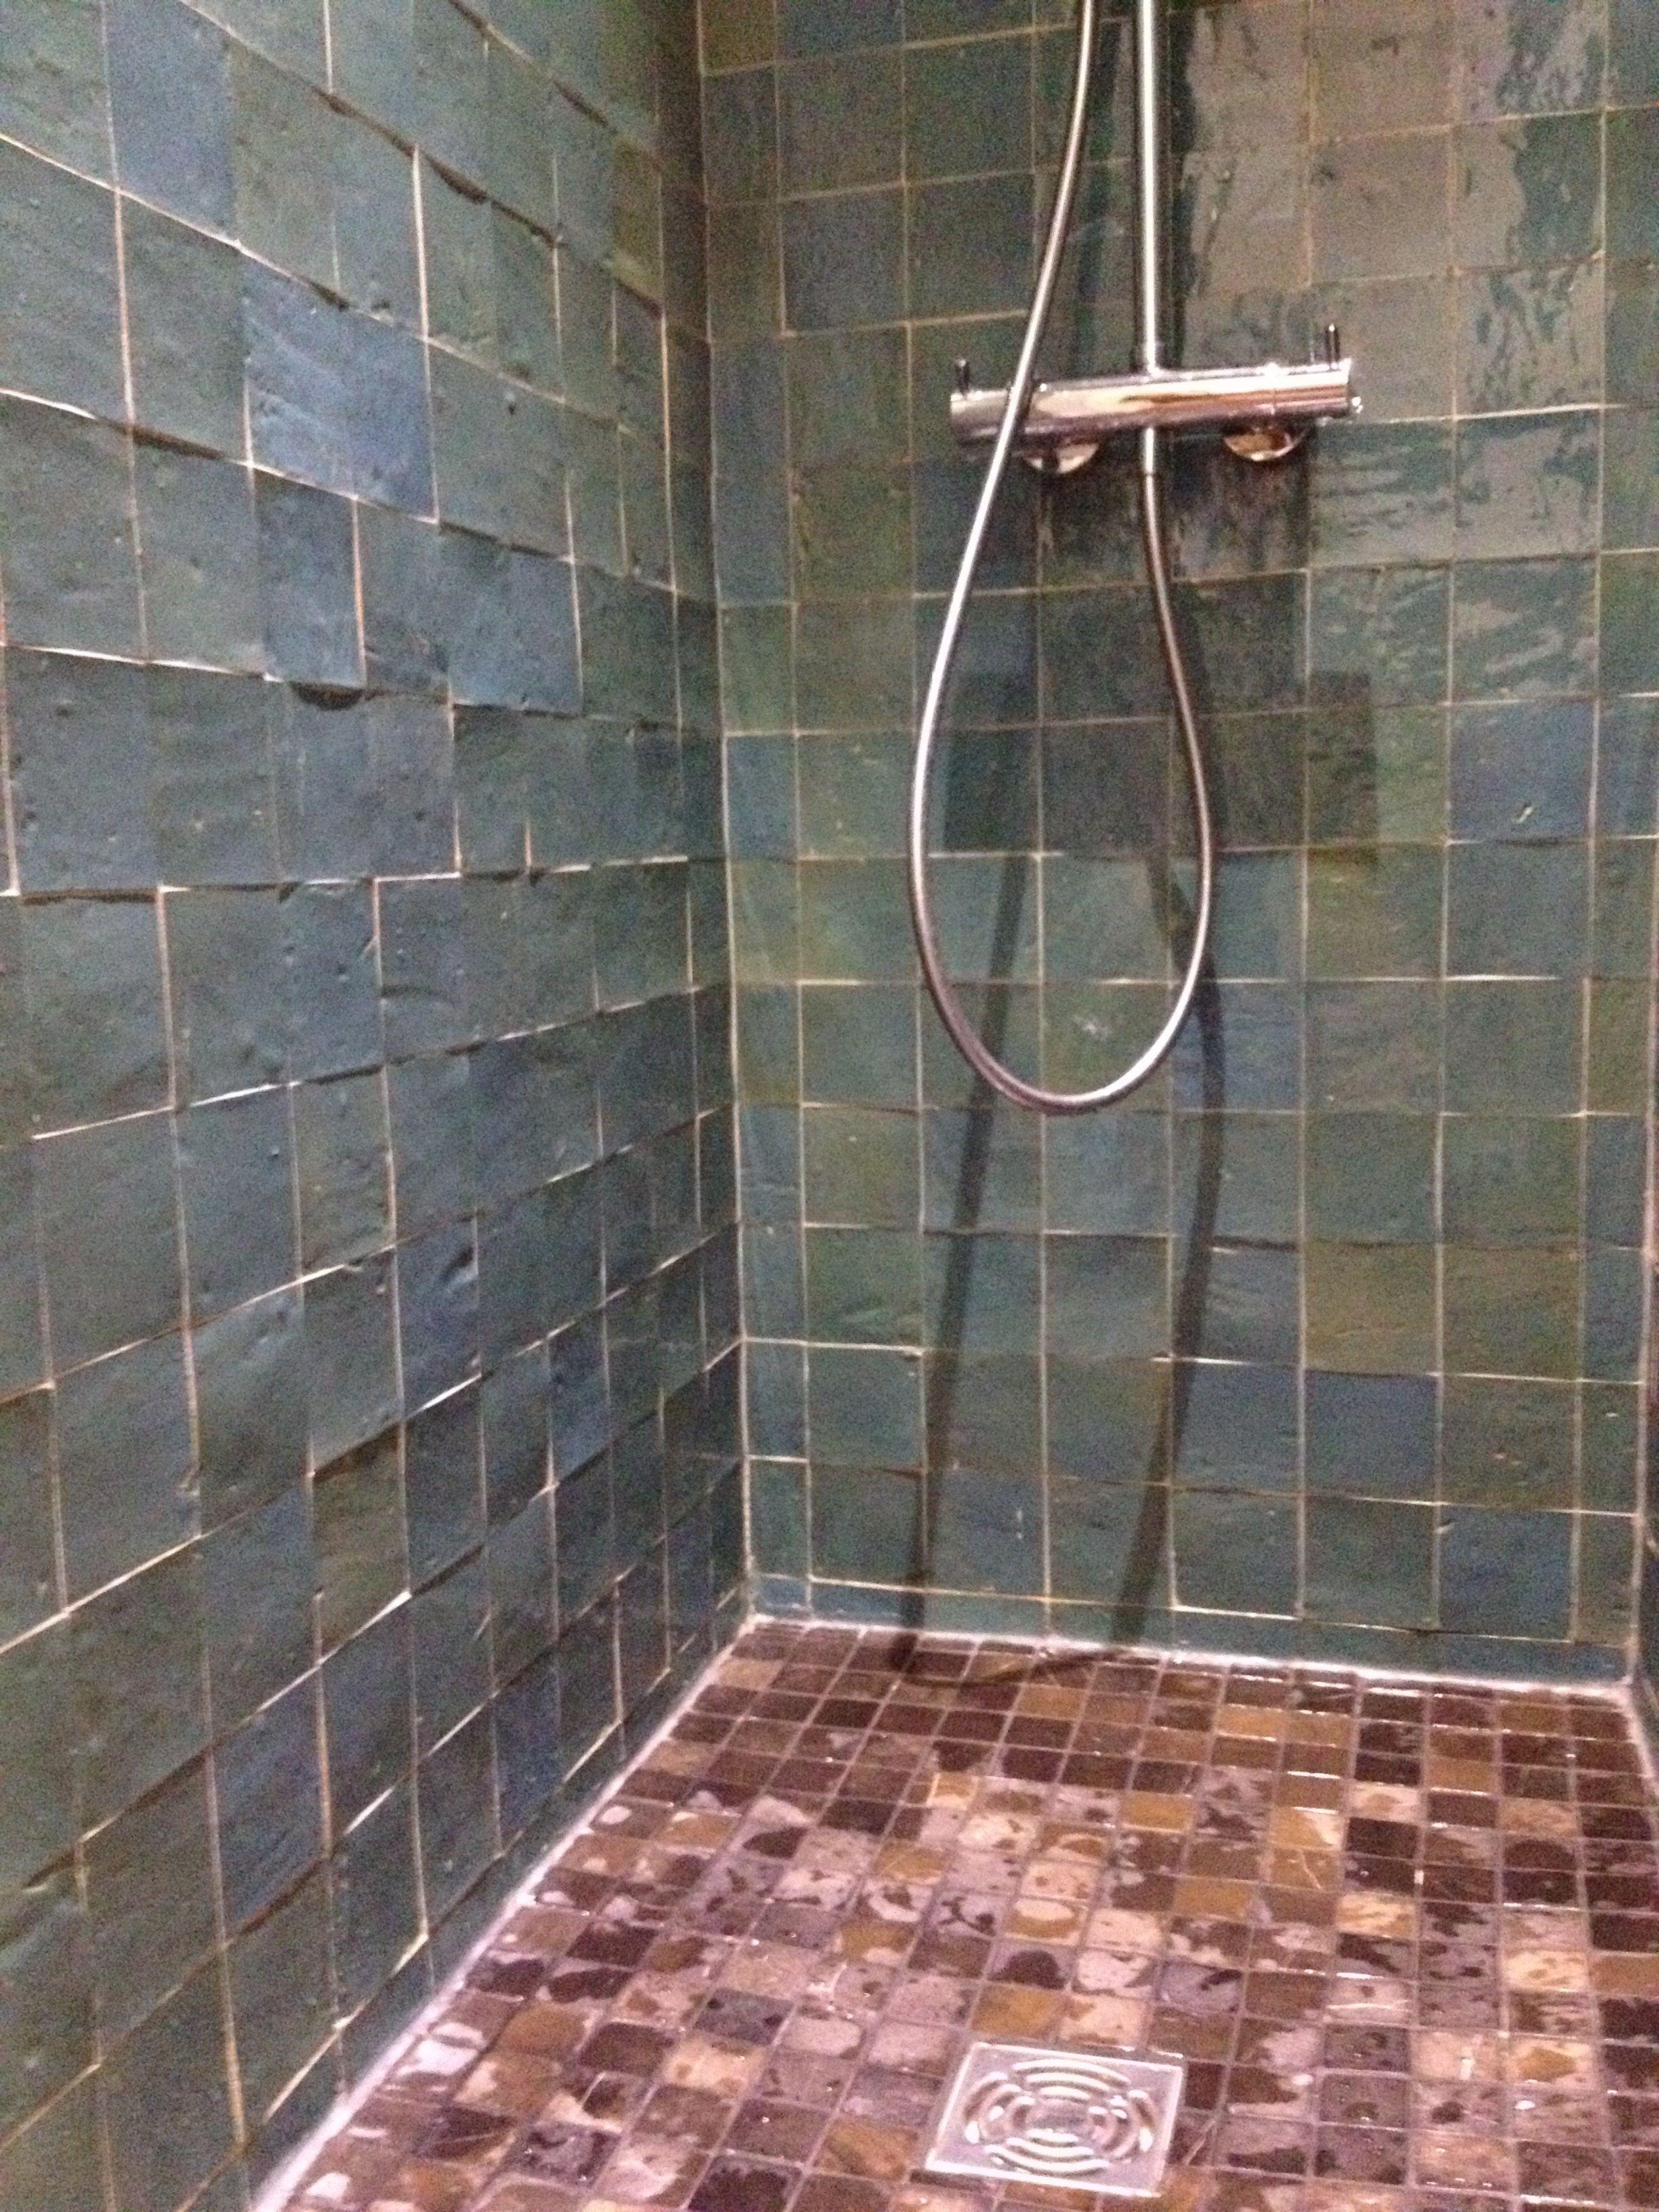 R novation termin e la douche l 39 italienne avec le zellige our paris apartment s renovation - Douche autobronzante paris 15 ...